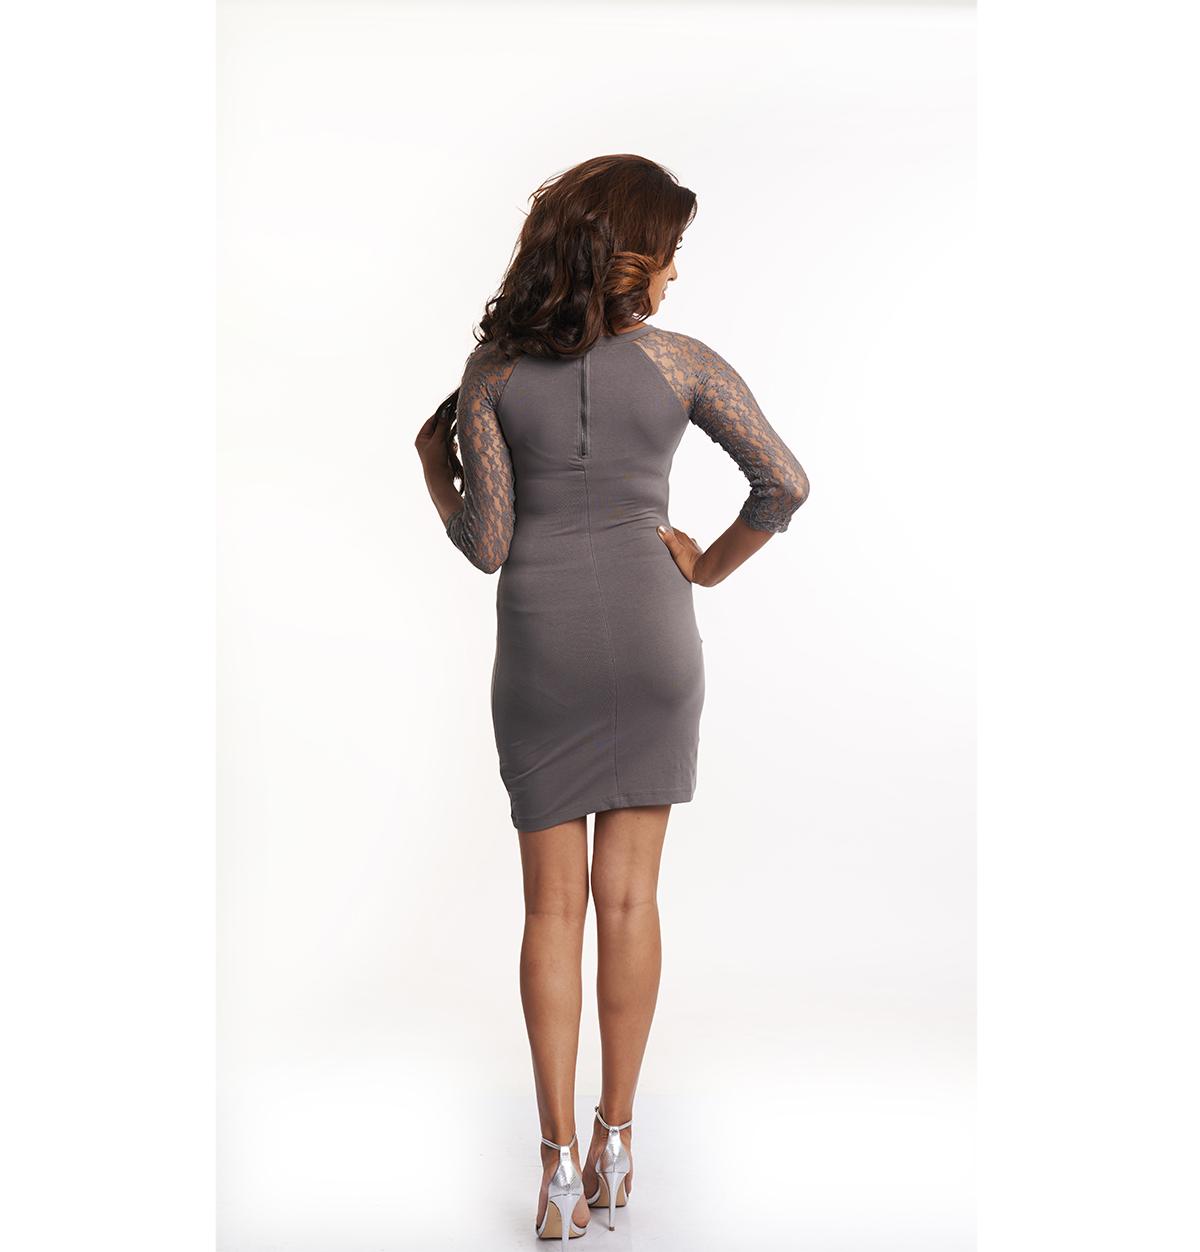 grey_short_dress_3_by_4_lace_slv_back.jpg